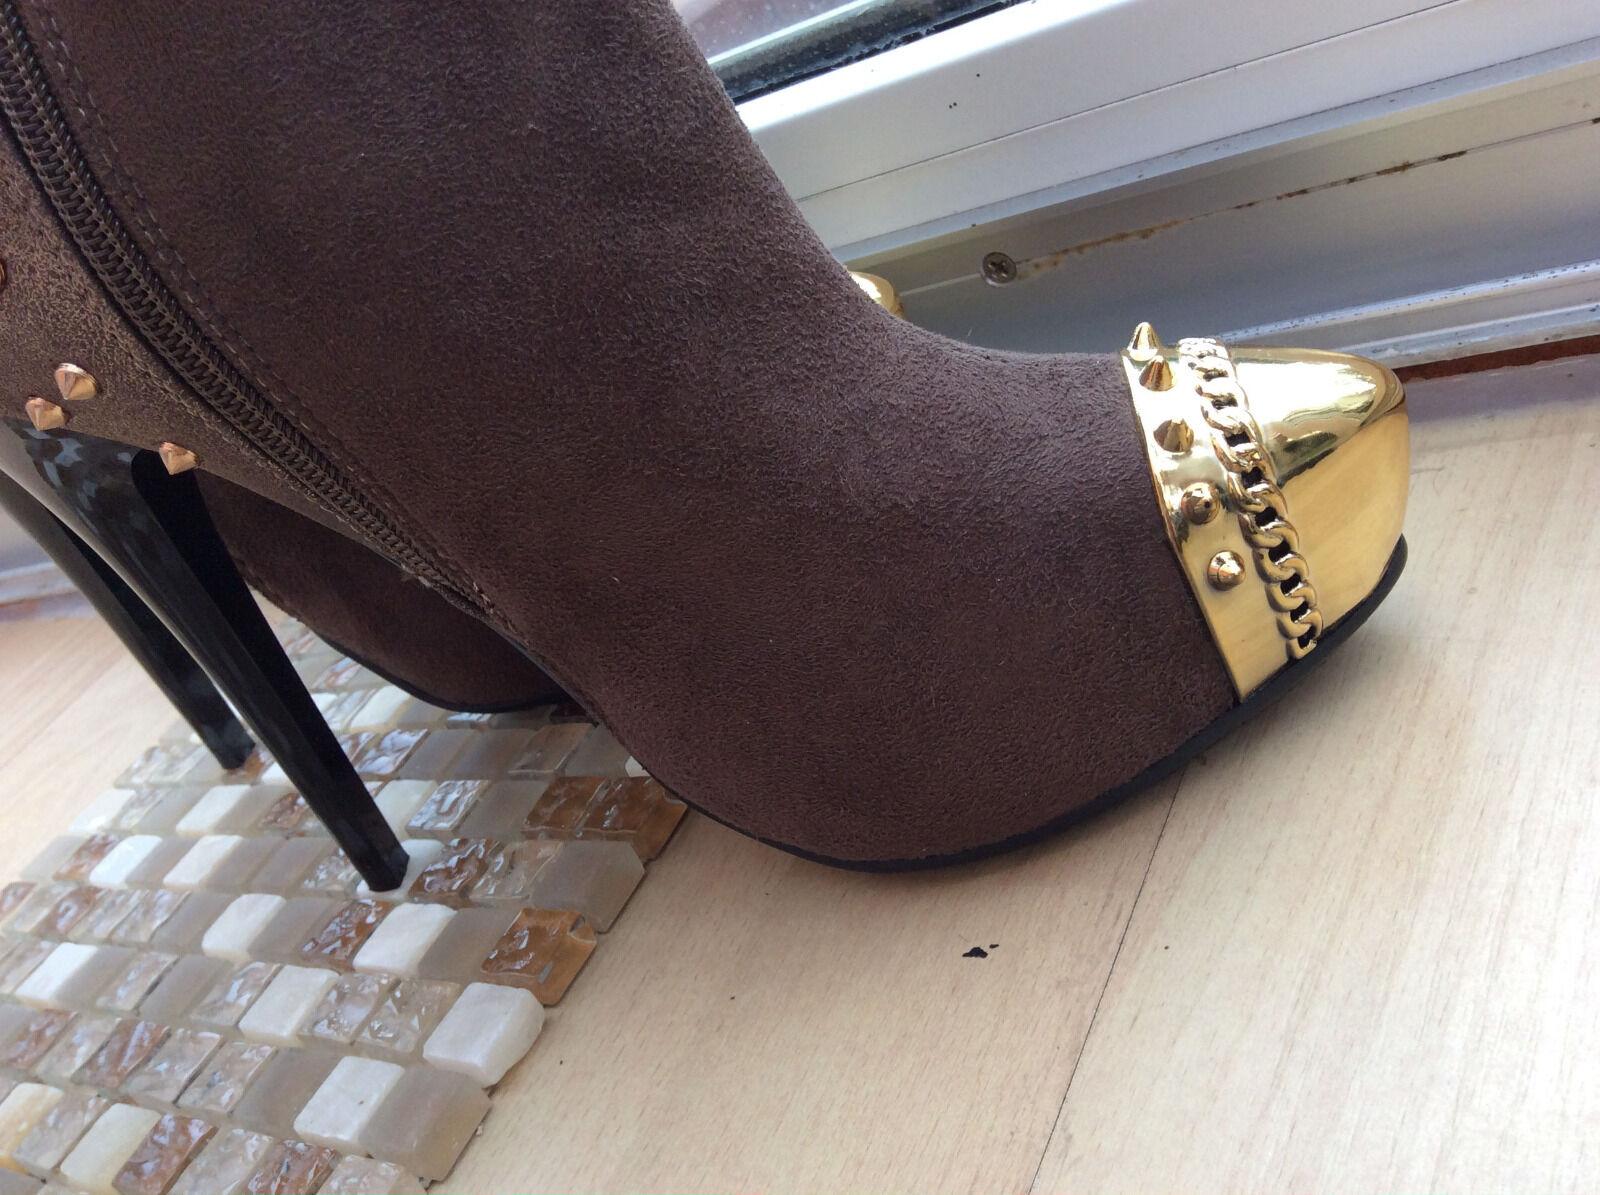 Nuevo botas LUJO sergio todzi altas botas Nuevo plataforma tacón alto 255343